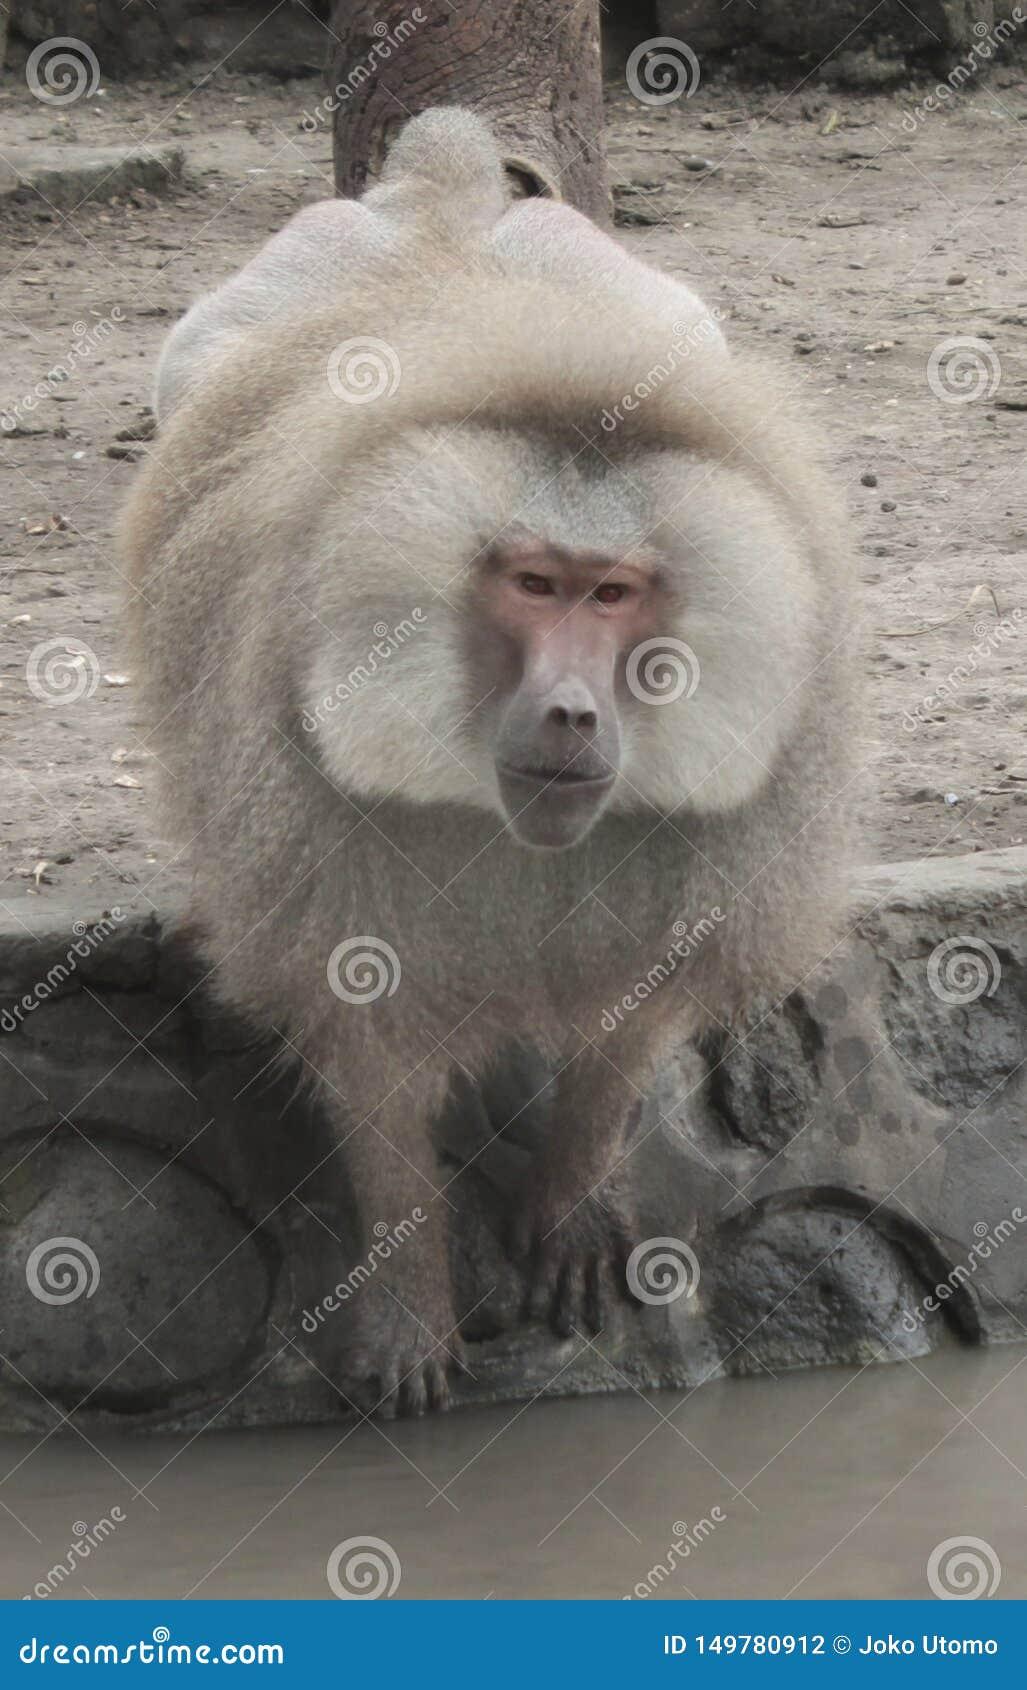 Wielka starego światu mieszkania małpa z długą doglike dyszą, wielkimi zębami i nagimi gruboskórność na pośladkach,